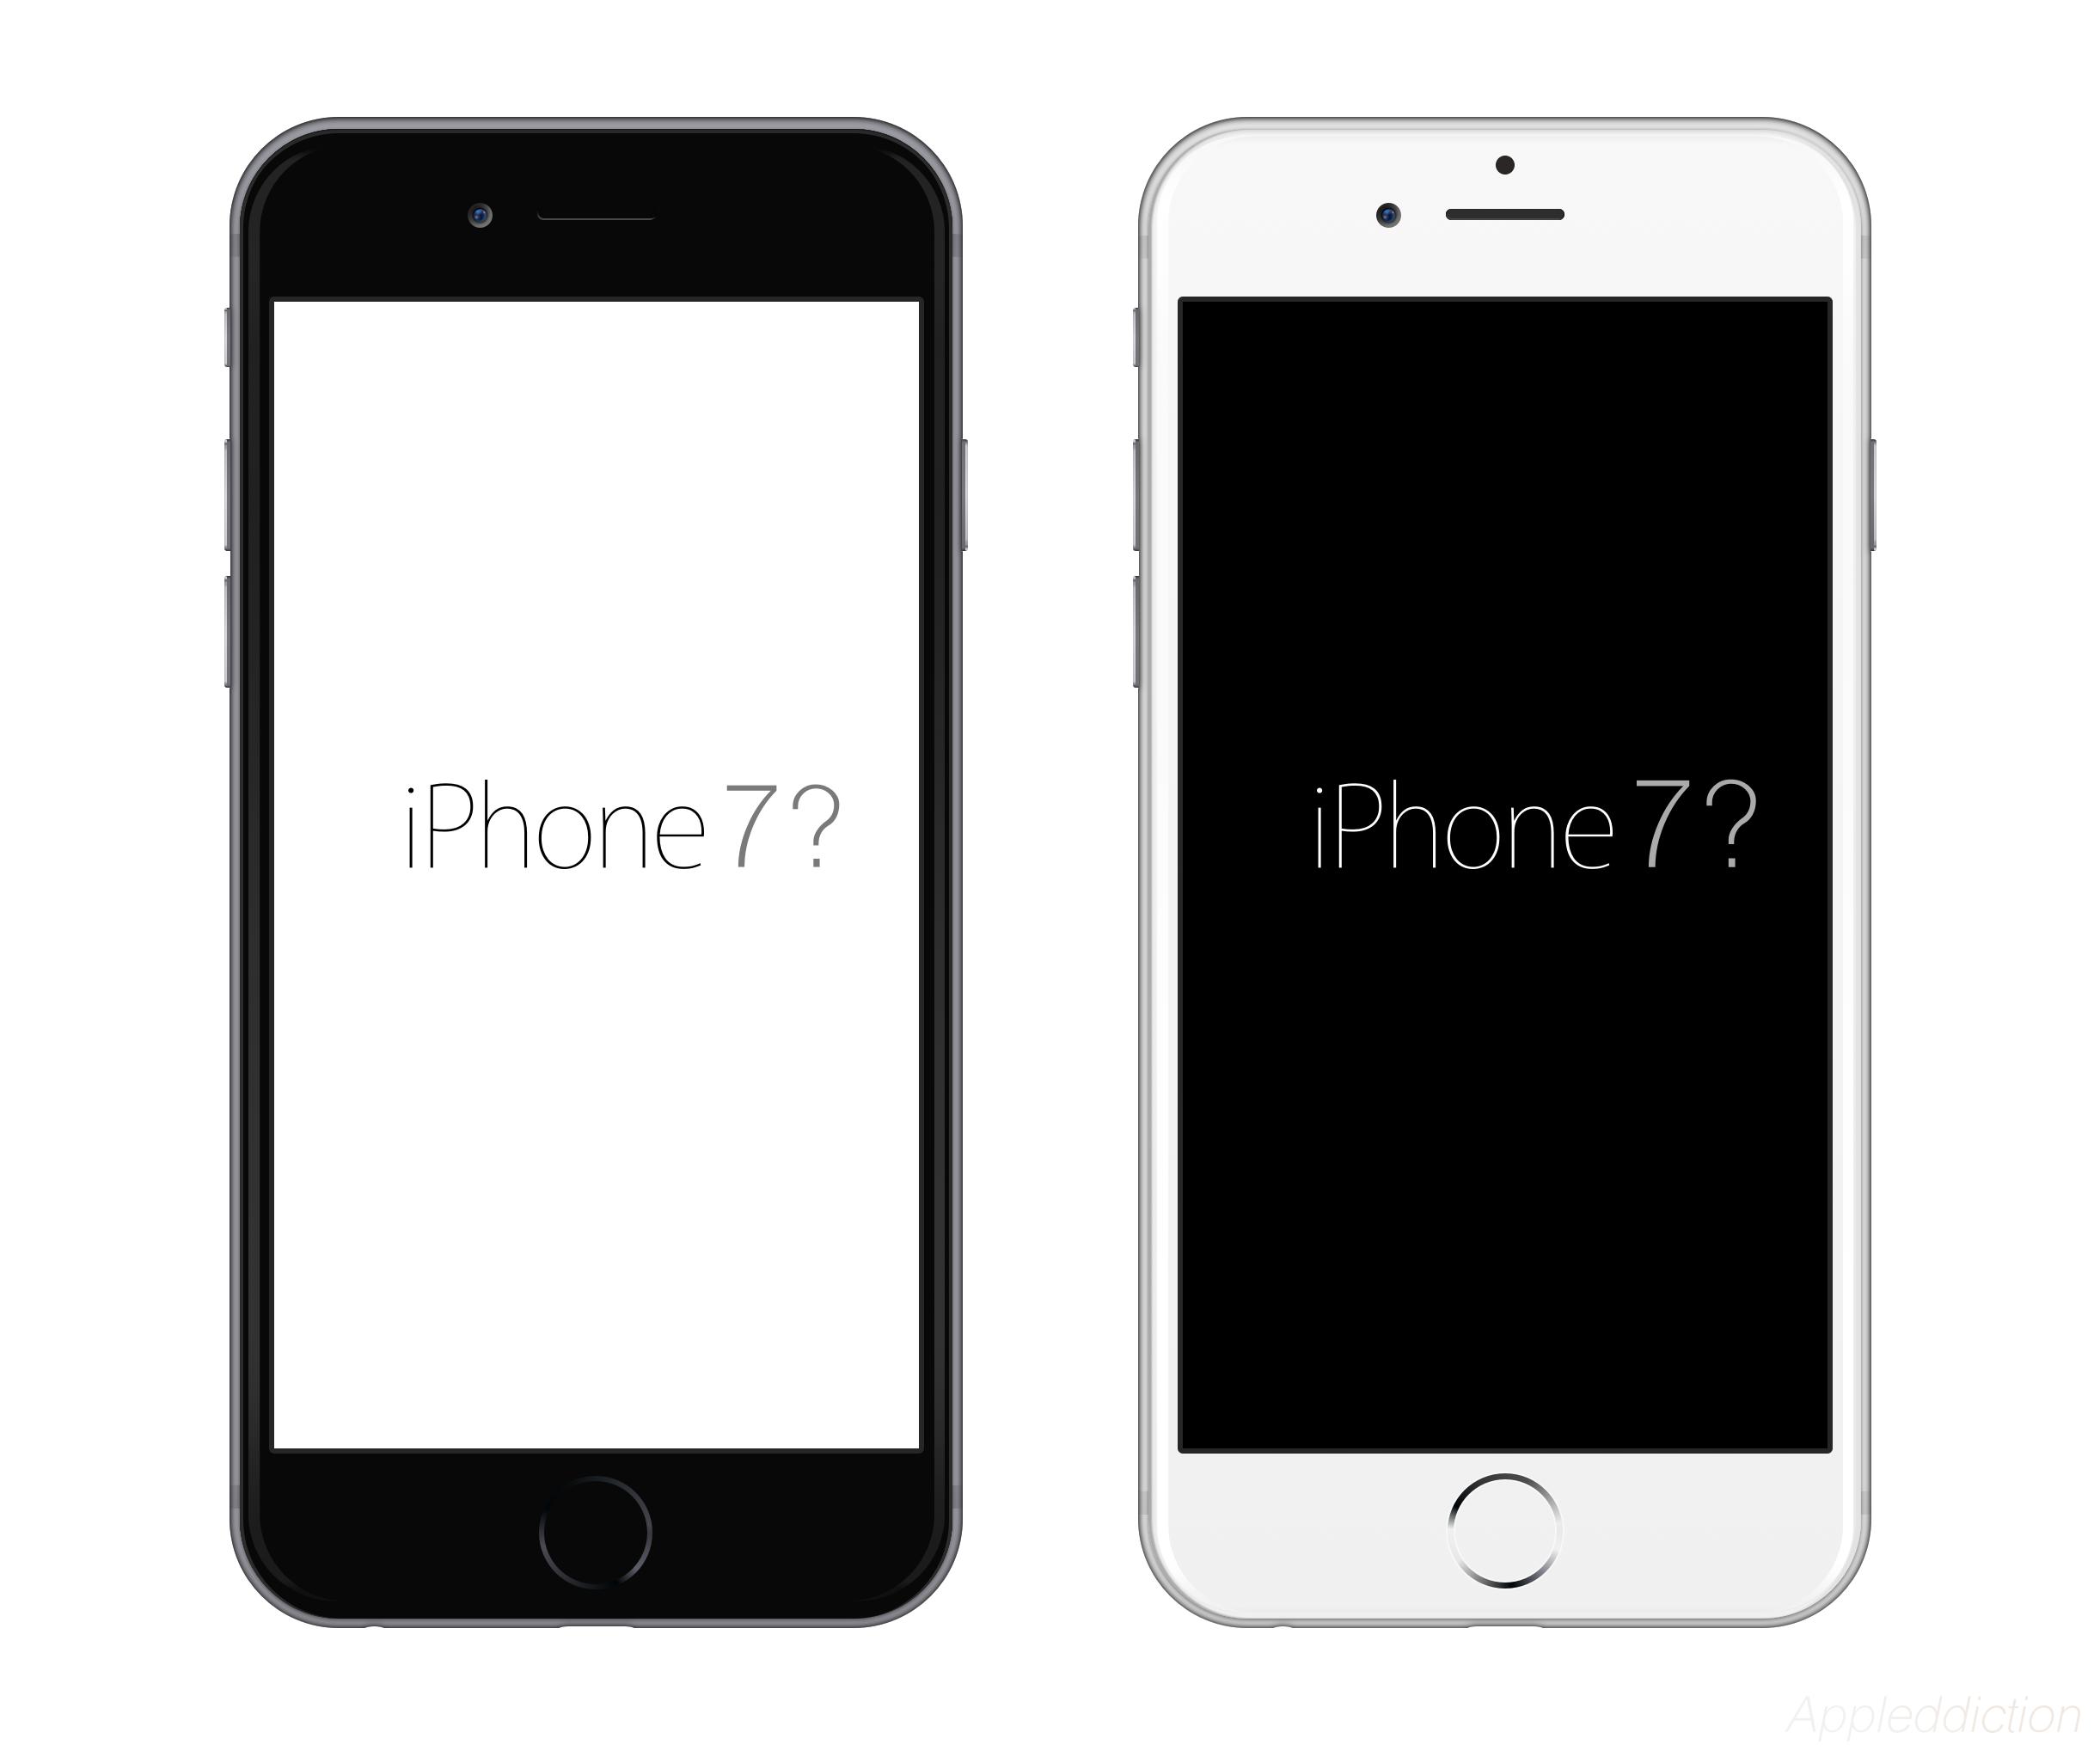 iphone 6s acabou de sair para o mercado substituindo assim o iphone